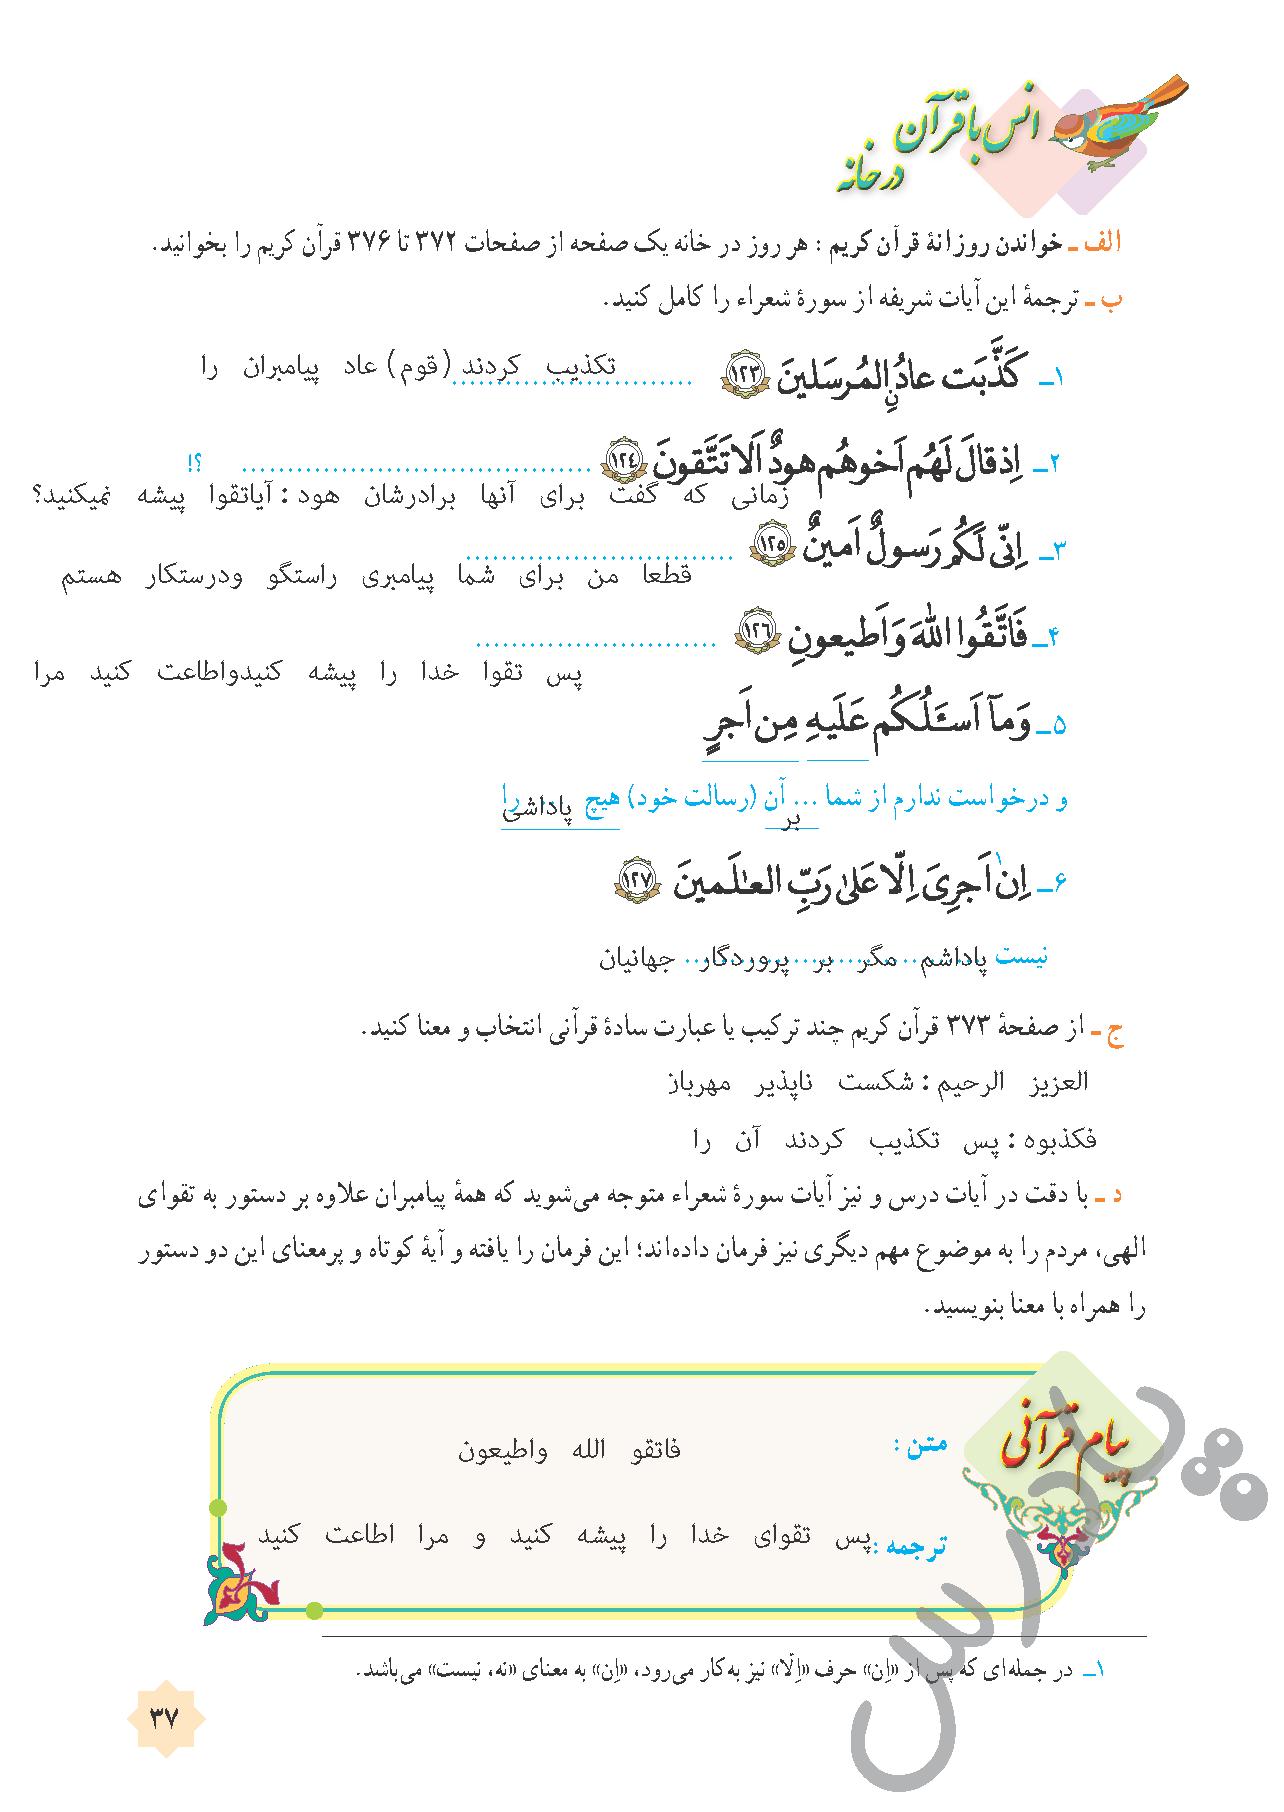 پاسخ انس با قرآن درس 3 قرآن هشتم -جلسه دوم